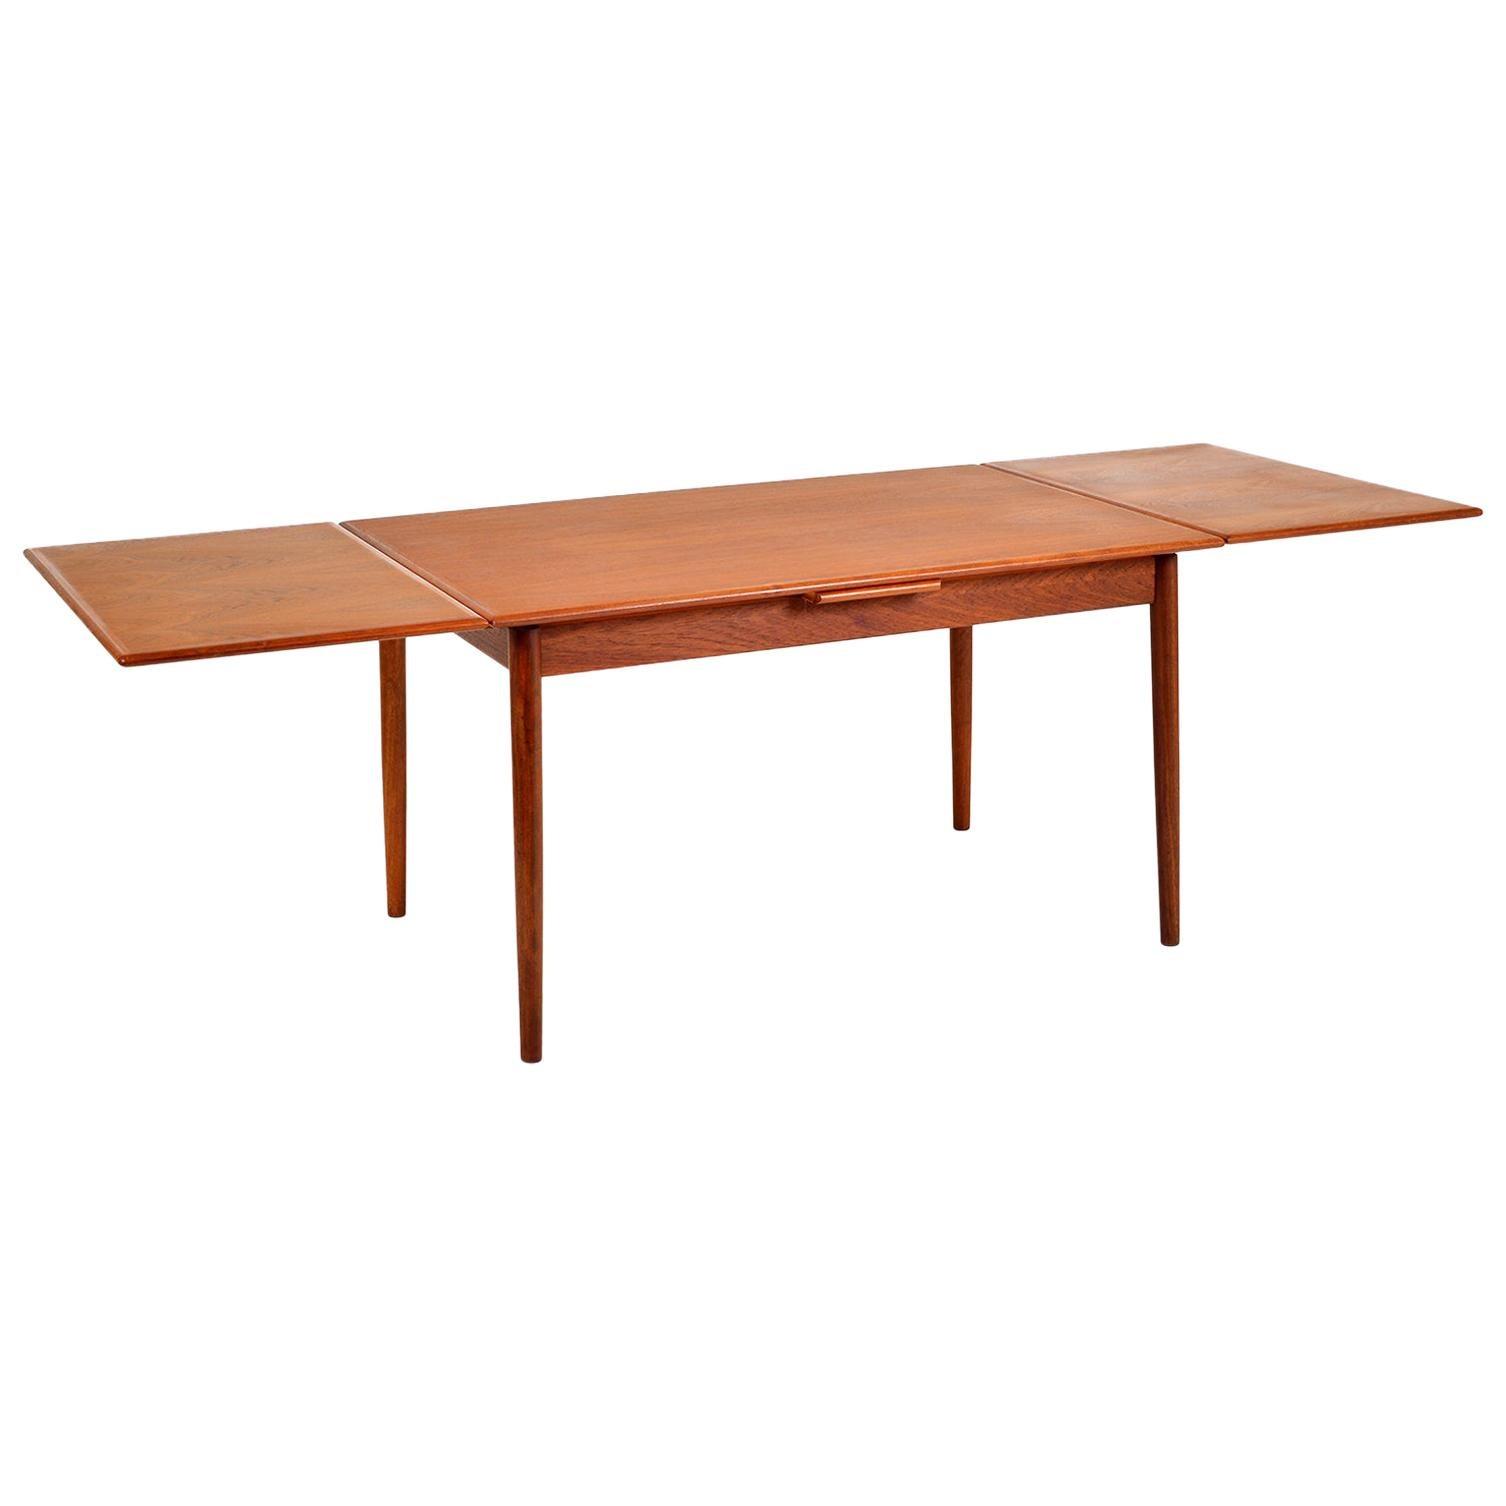 1960s Danish Modern Teak Extending Dining Table AM Ansager Mobler Midcentury